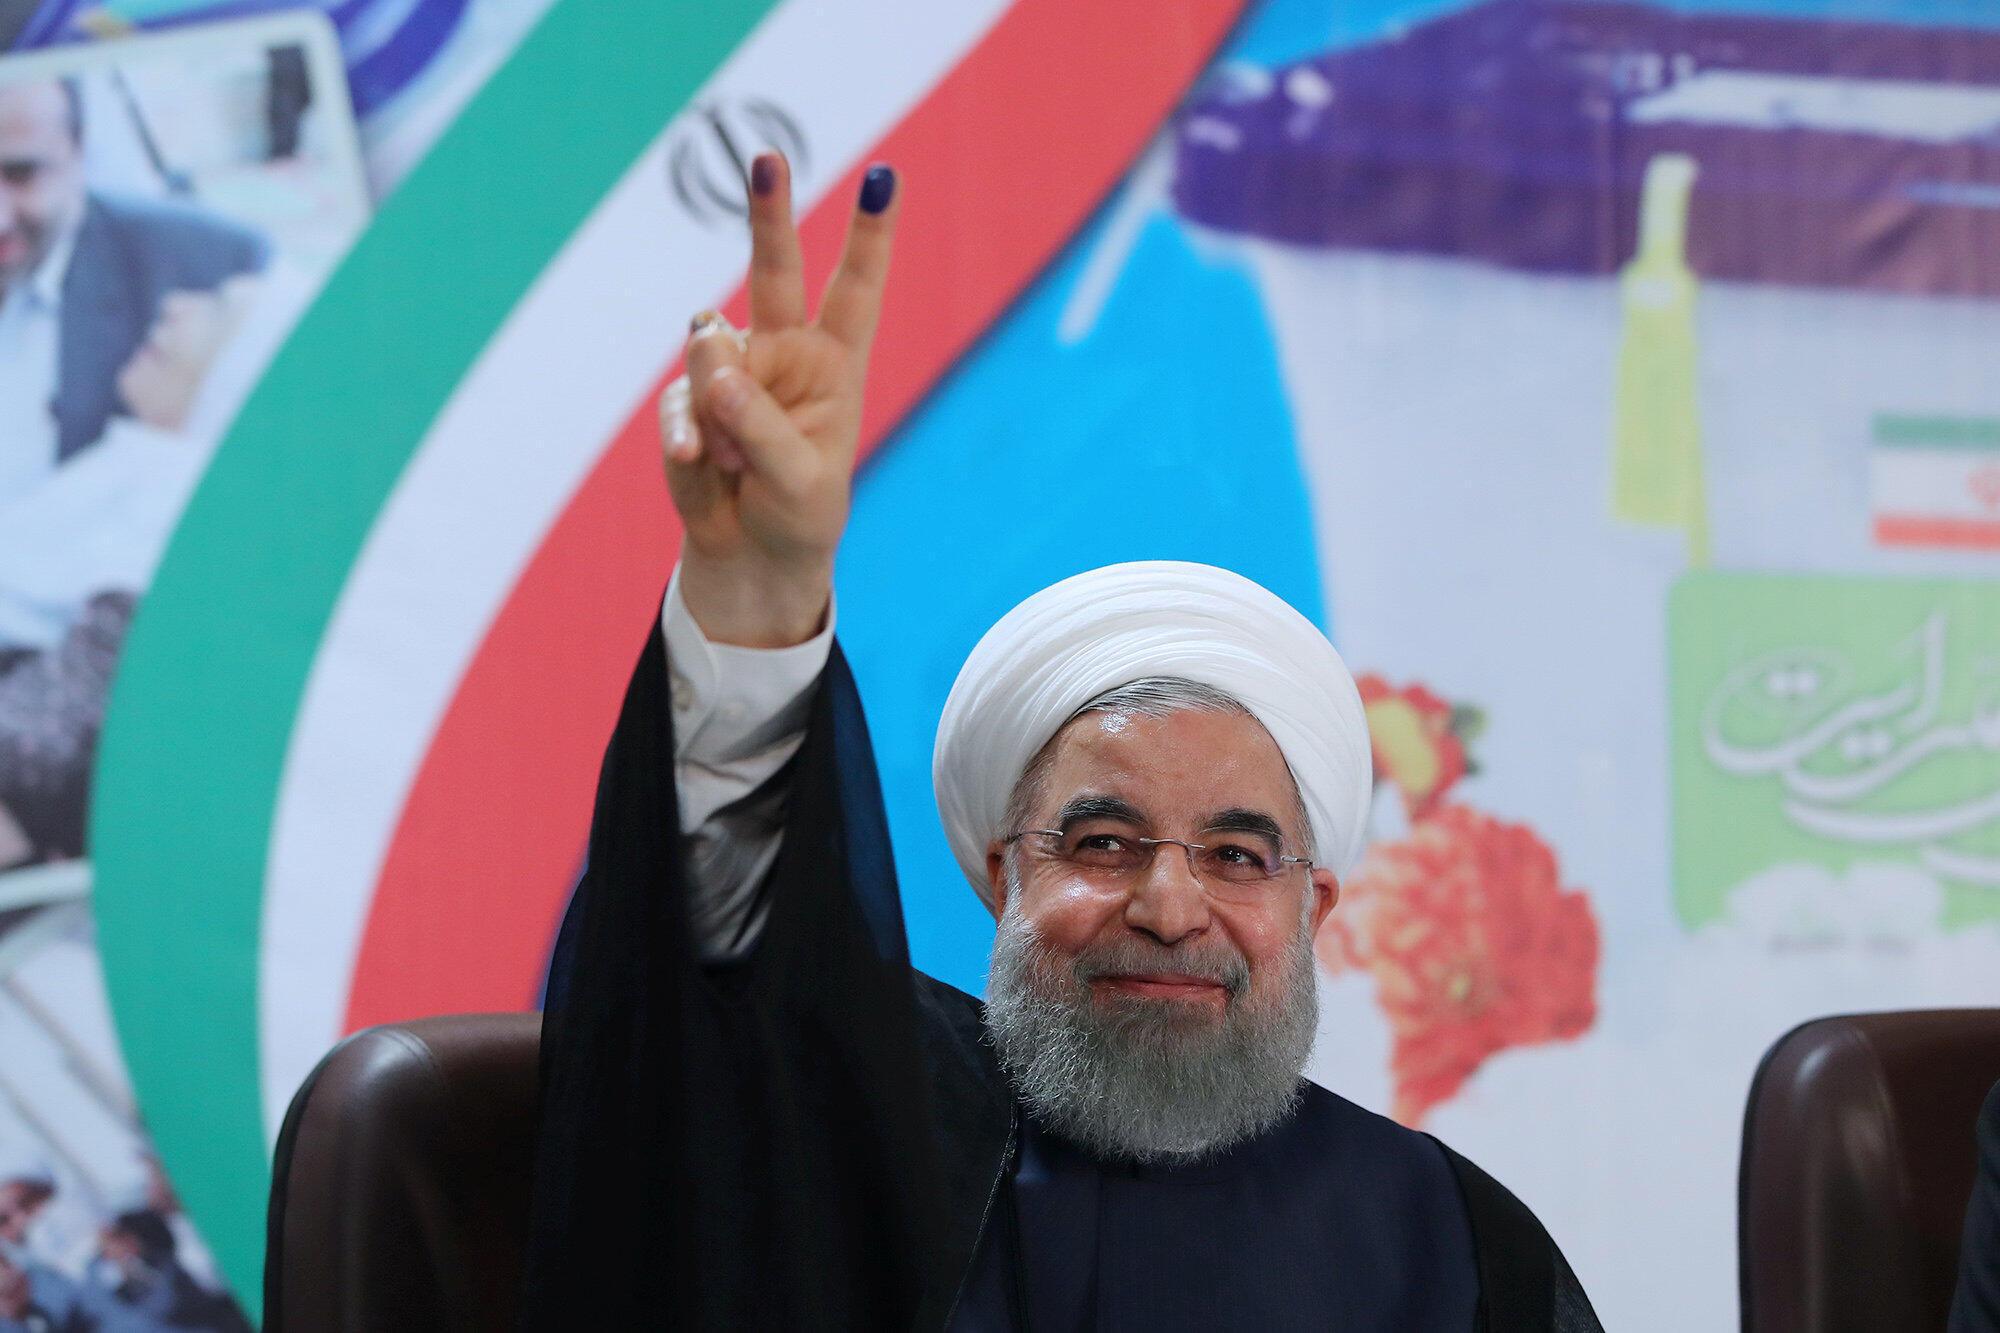 O presidente iraniano Hassan Rouhani se candidatou à reeleição, em Teerã.